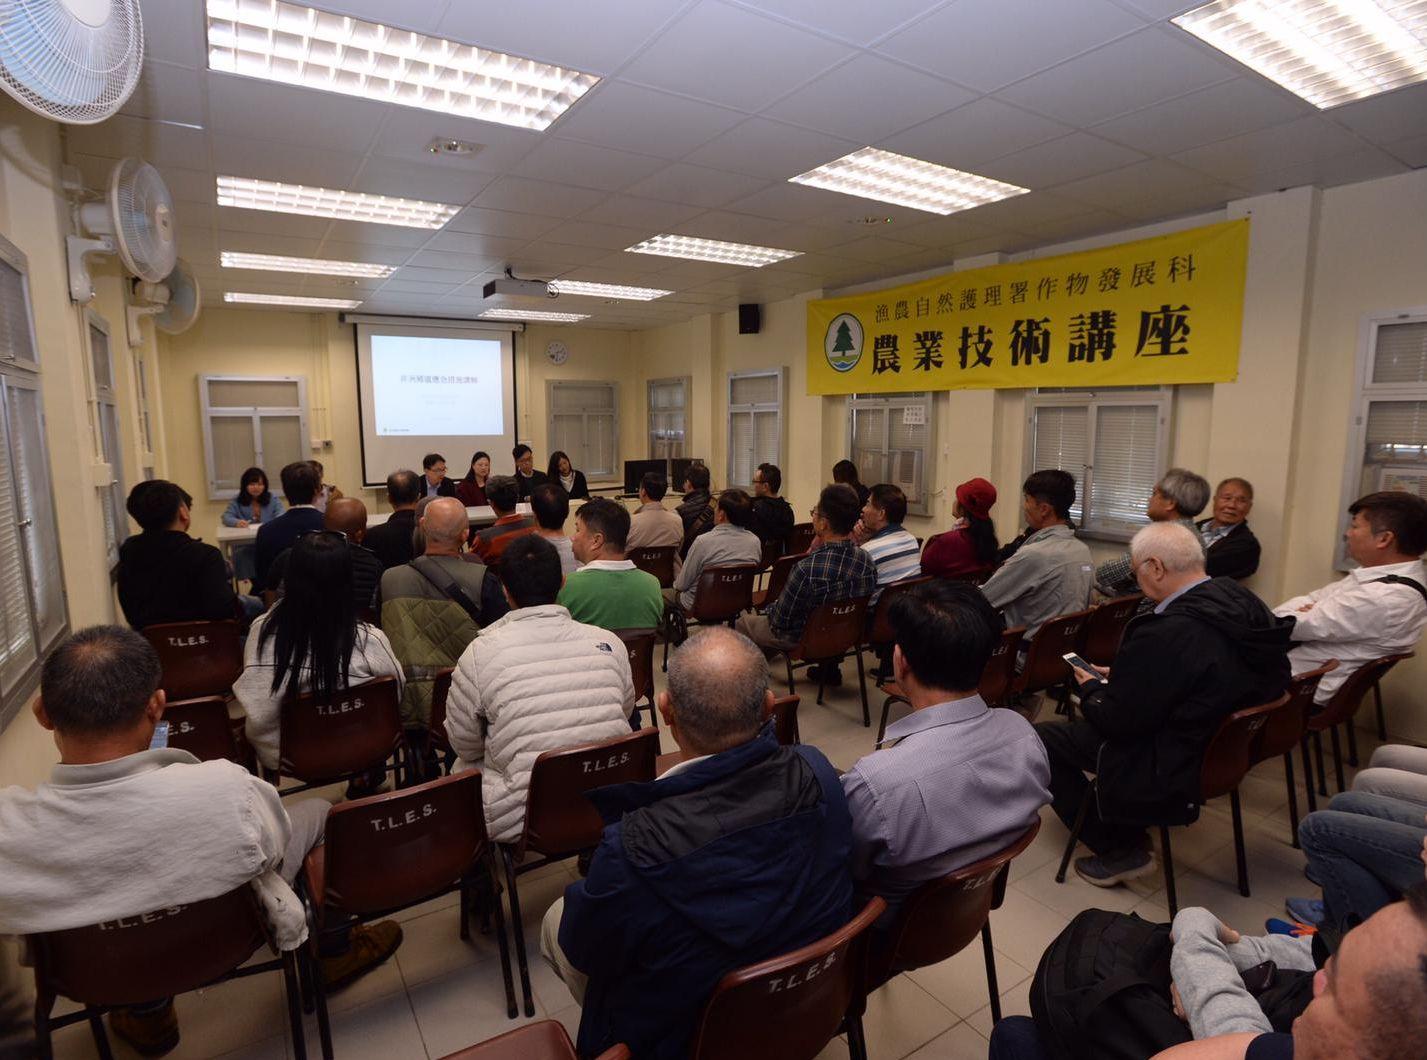 本地豬農業界今日與漁農自然護理署會面,商討非洲豬瘟應急措施。